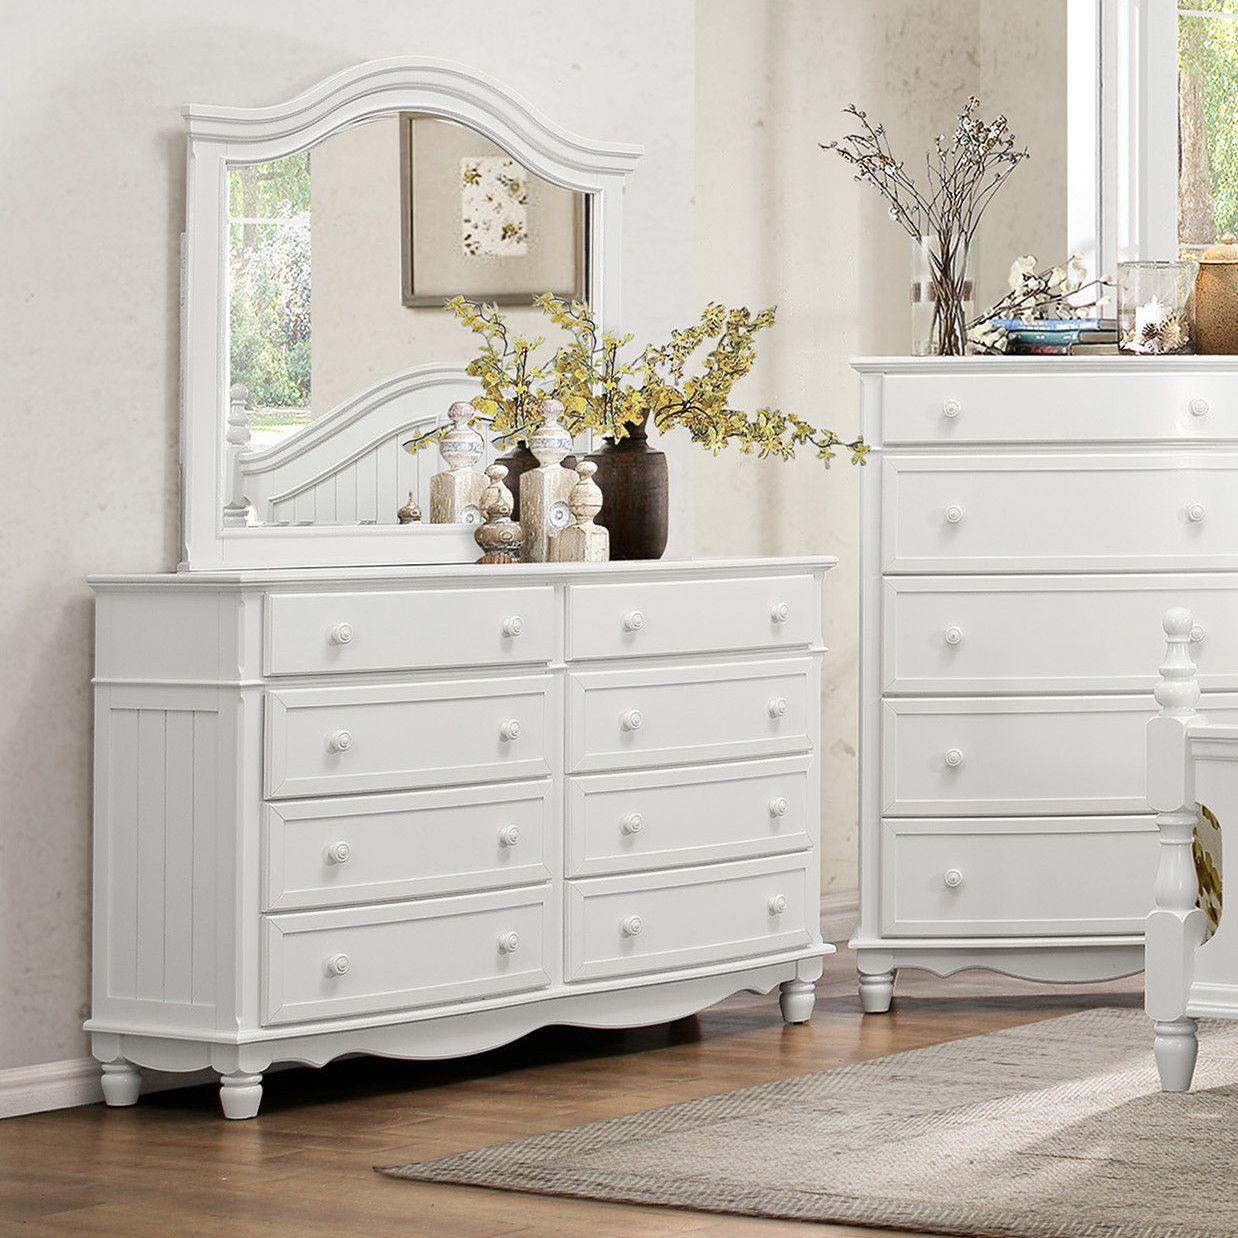 Andre 8 Drawer Standard Dresser Dresser With Mirror Dresser White Wood Dresser [ 1238 x 1238 Pixel ]